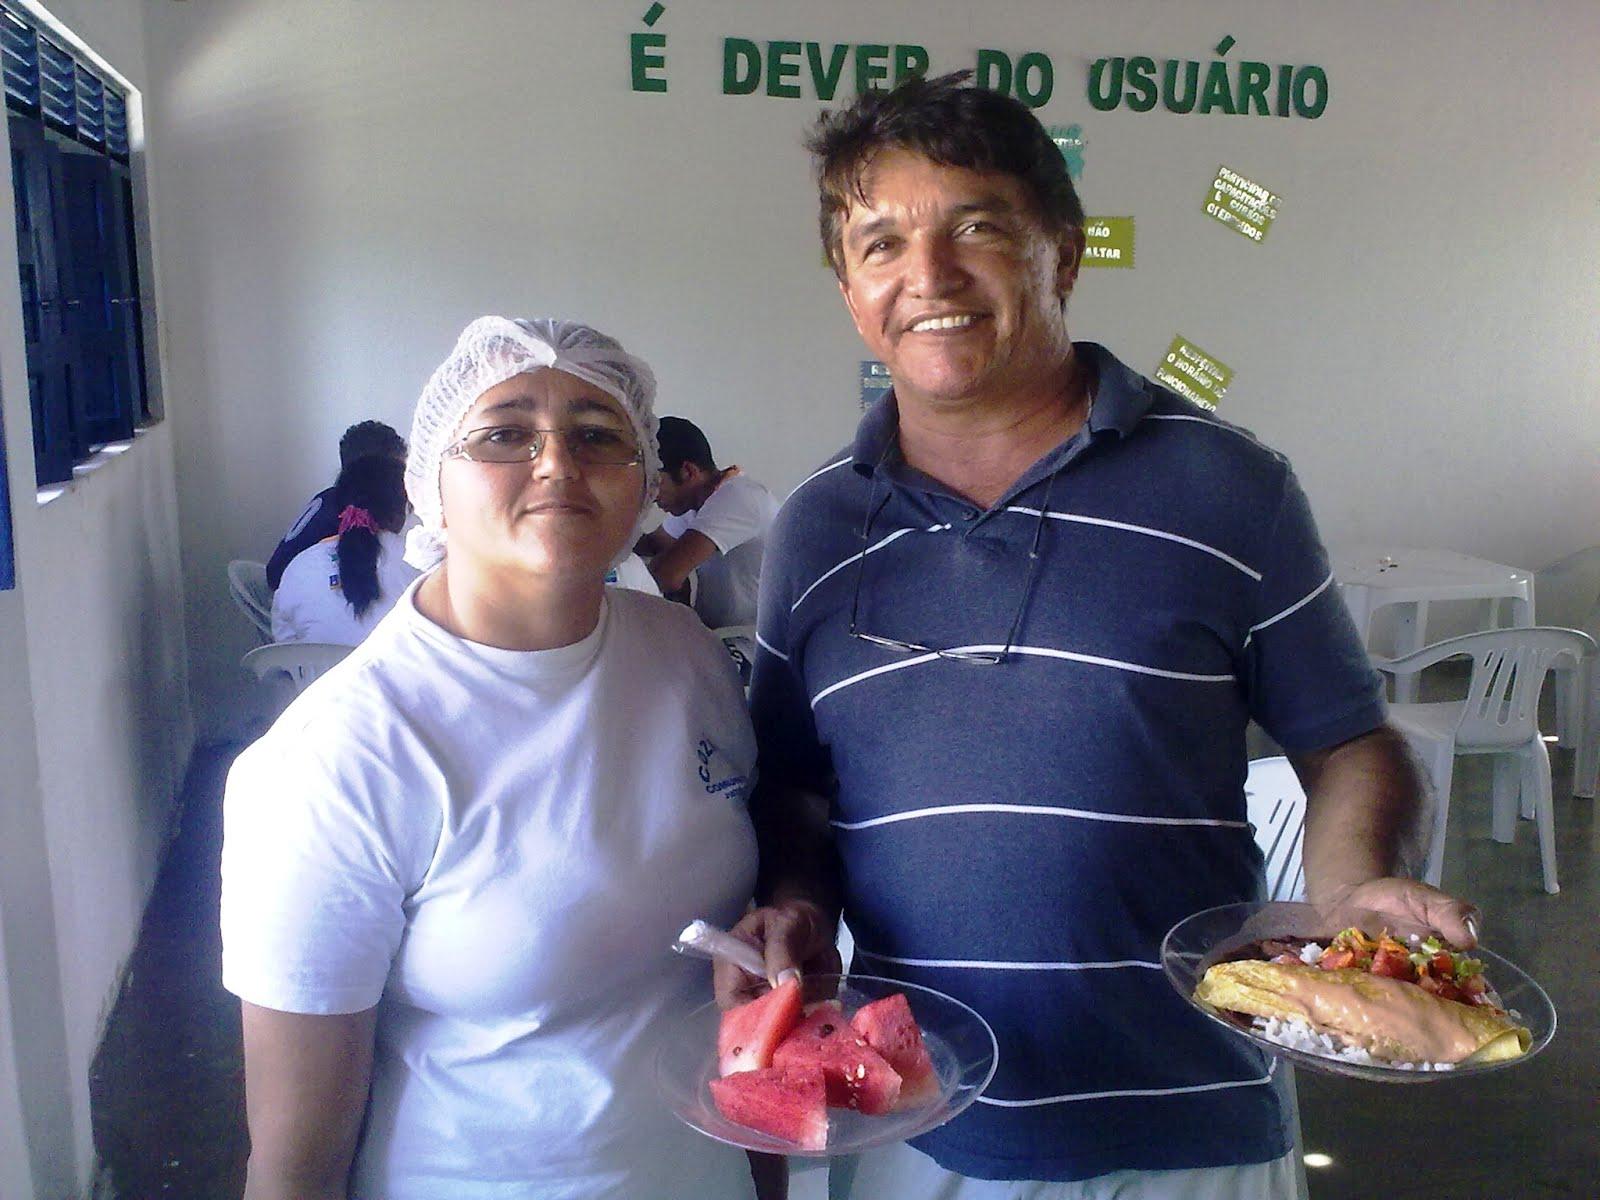 #3A5091  esteve em Jucurutu para conhecer projeto da Cozinha Comunitária 1600x1200 px Projeto Cozinha Comunitária Governo Federal_4147 Imagens